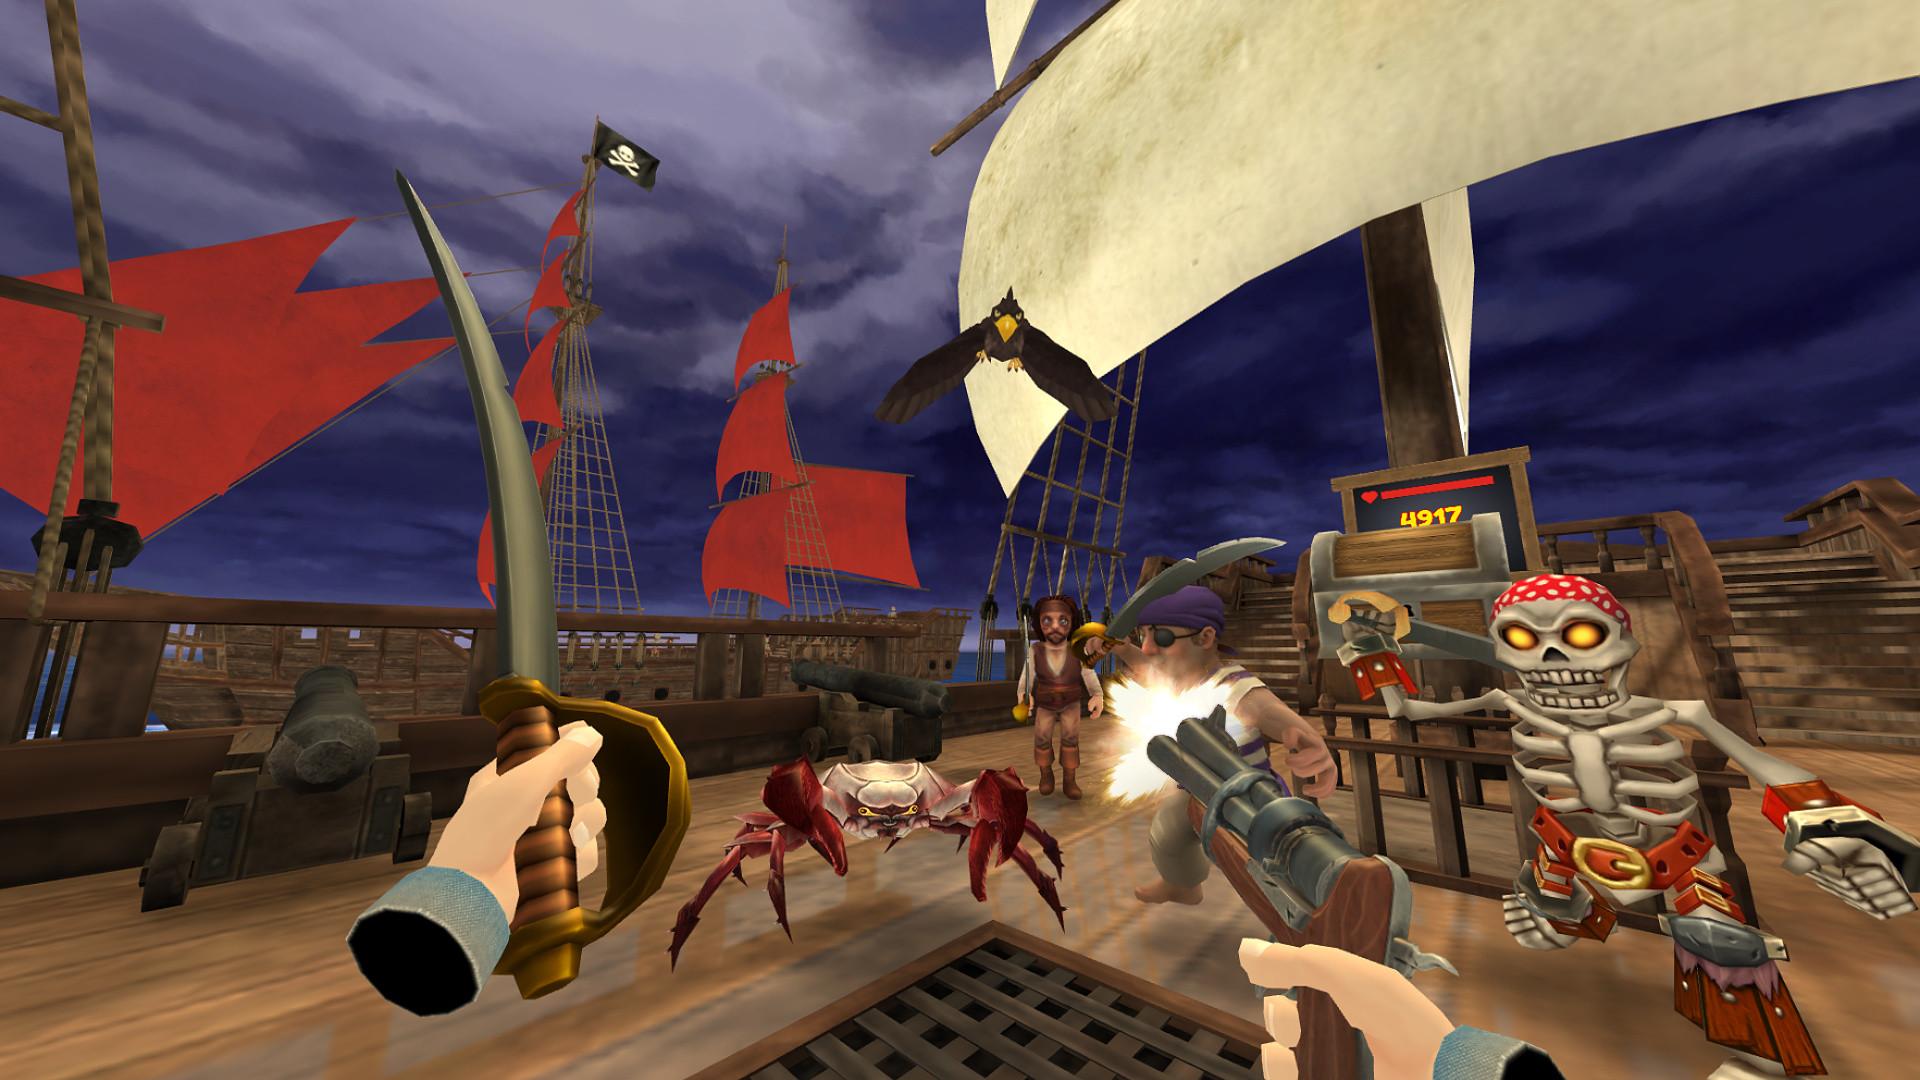 Oculus Quest 游戏《Pirates on Deck VR》甲板上的海盗插图